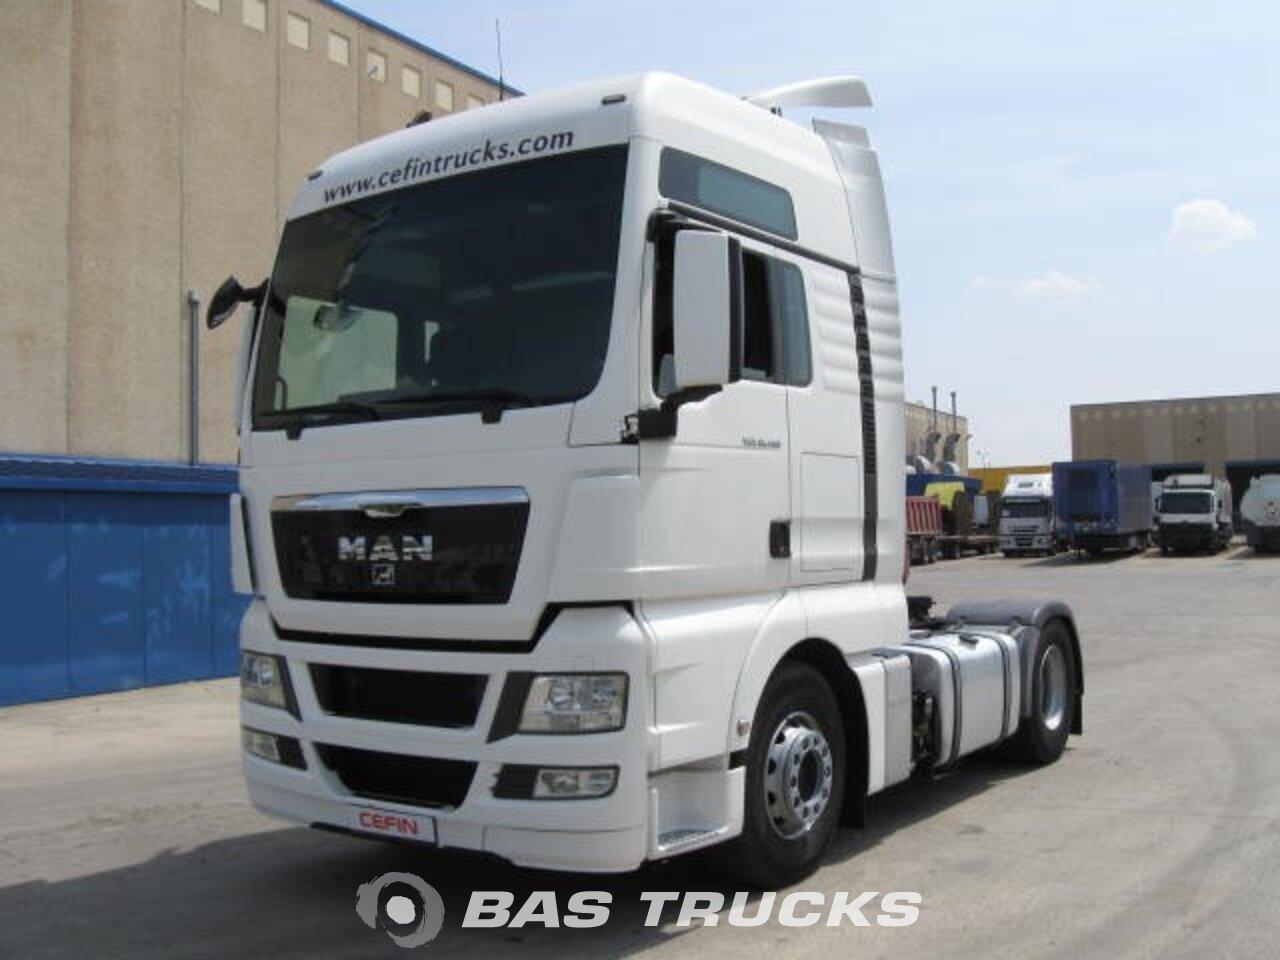 man tgx xxl bucharest ro tractorhead bas trucks. Black Bedroom Furniture Sets. Home Design Ideas